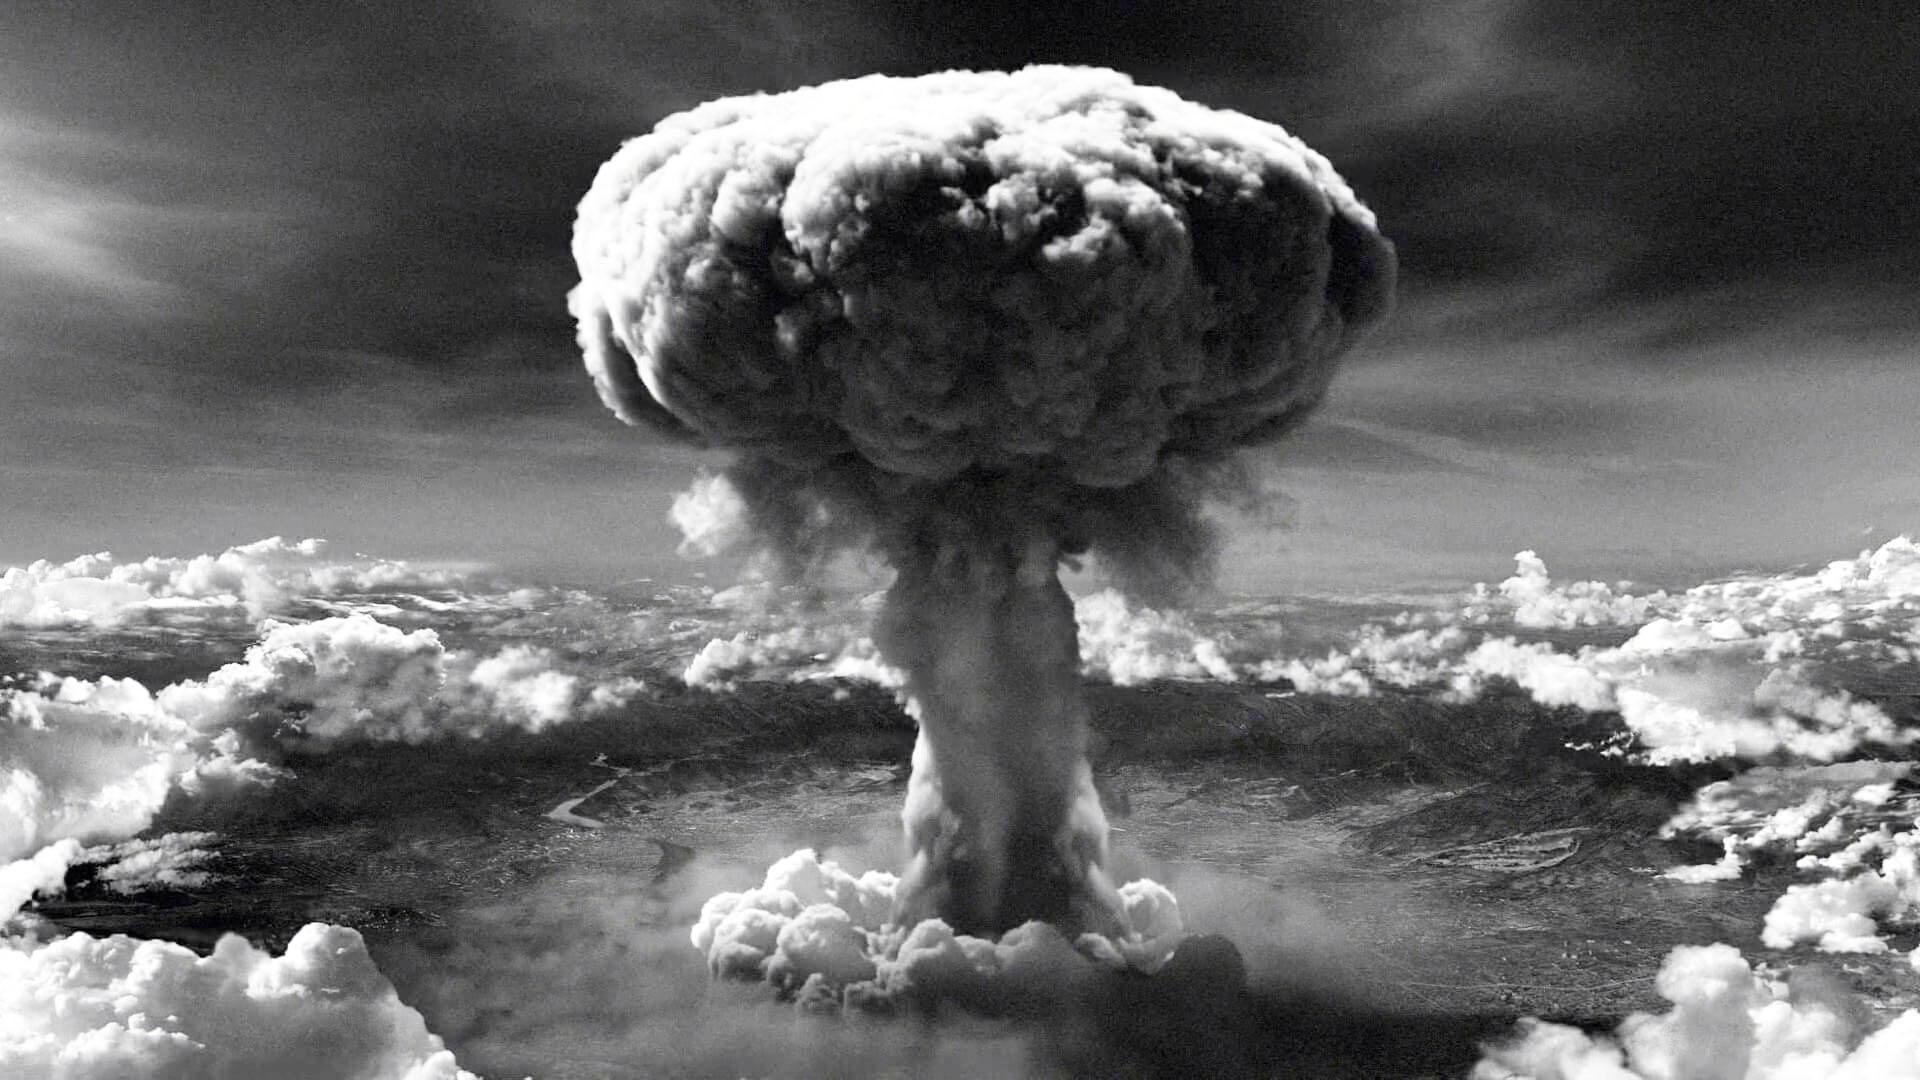 القنبلة النووية علي هيروشيما وناغازاكي : جريمة بحق الإنسان لن ينساها التاريخ